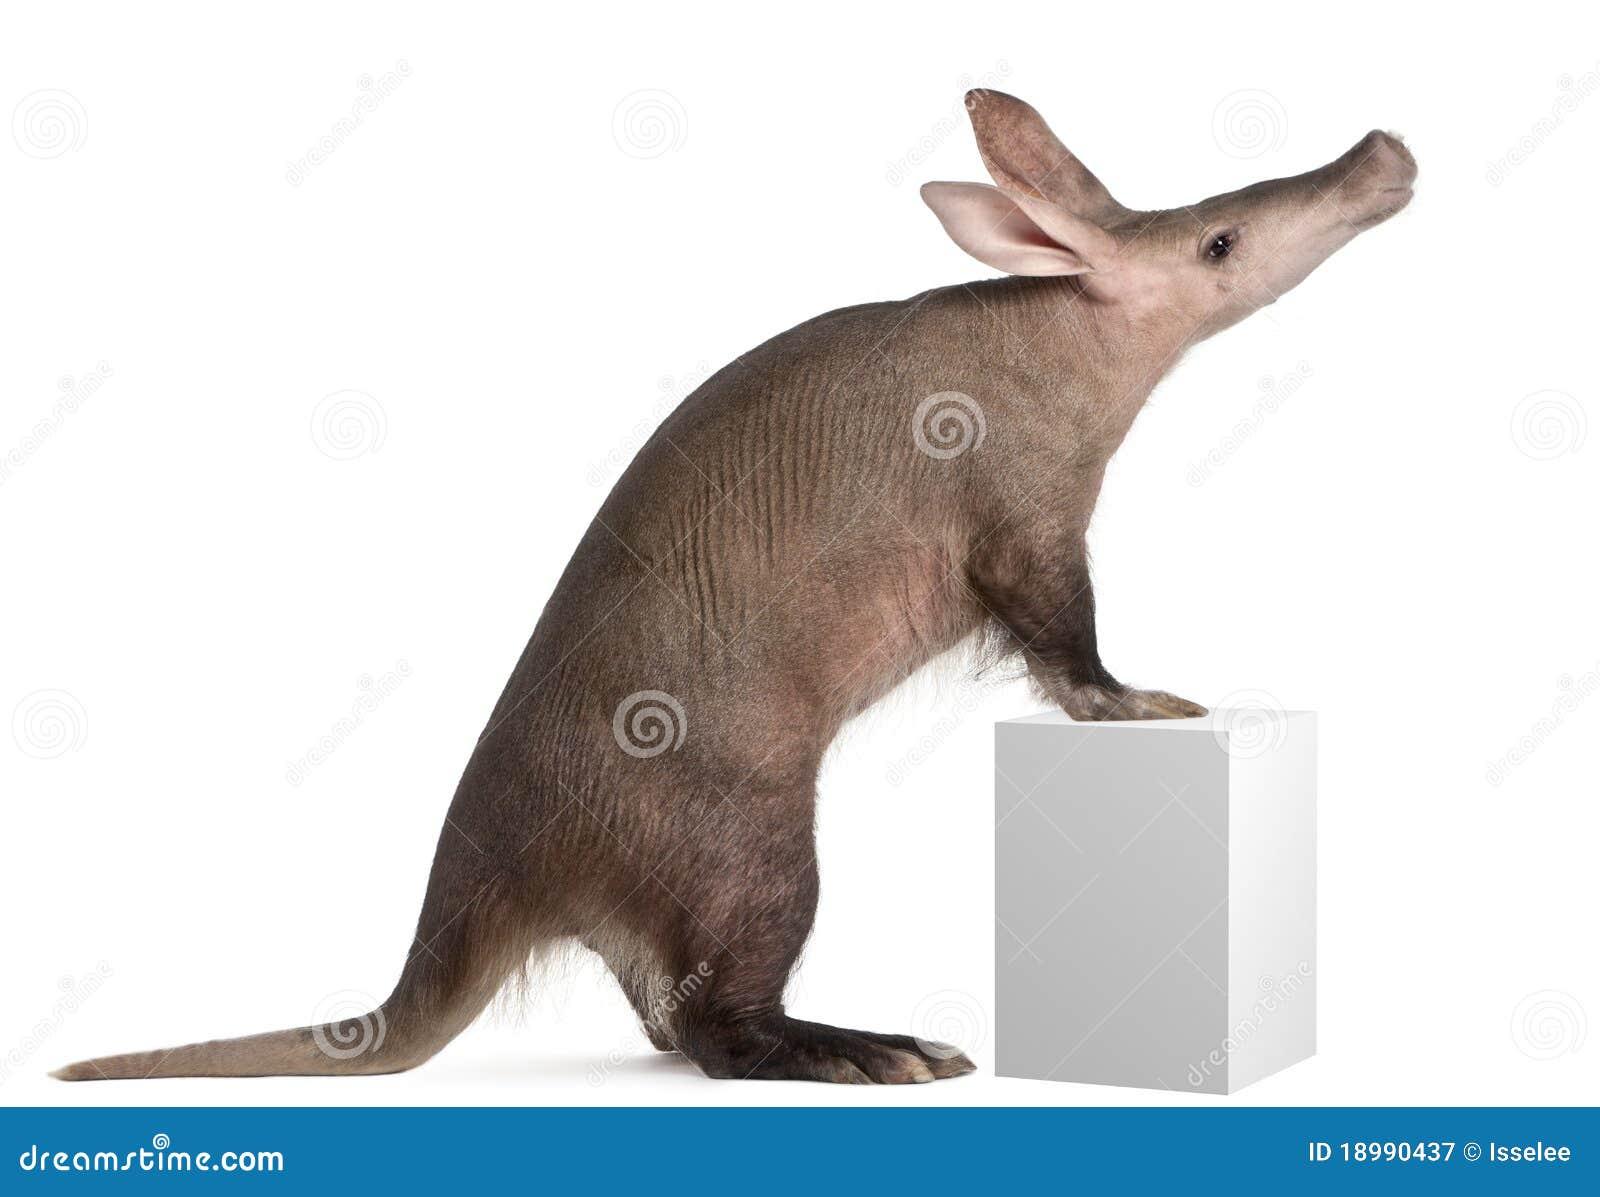 Aardvark, Orycteropus, 16 anni